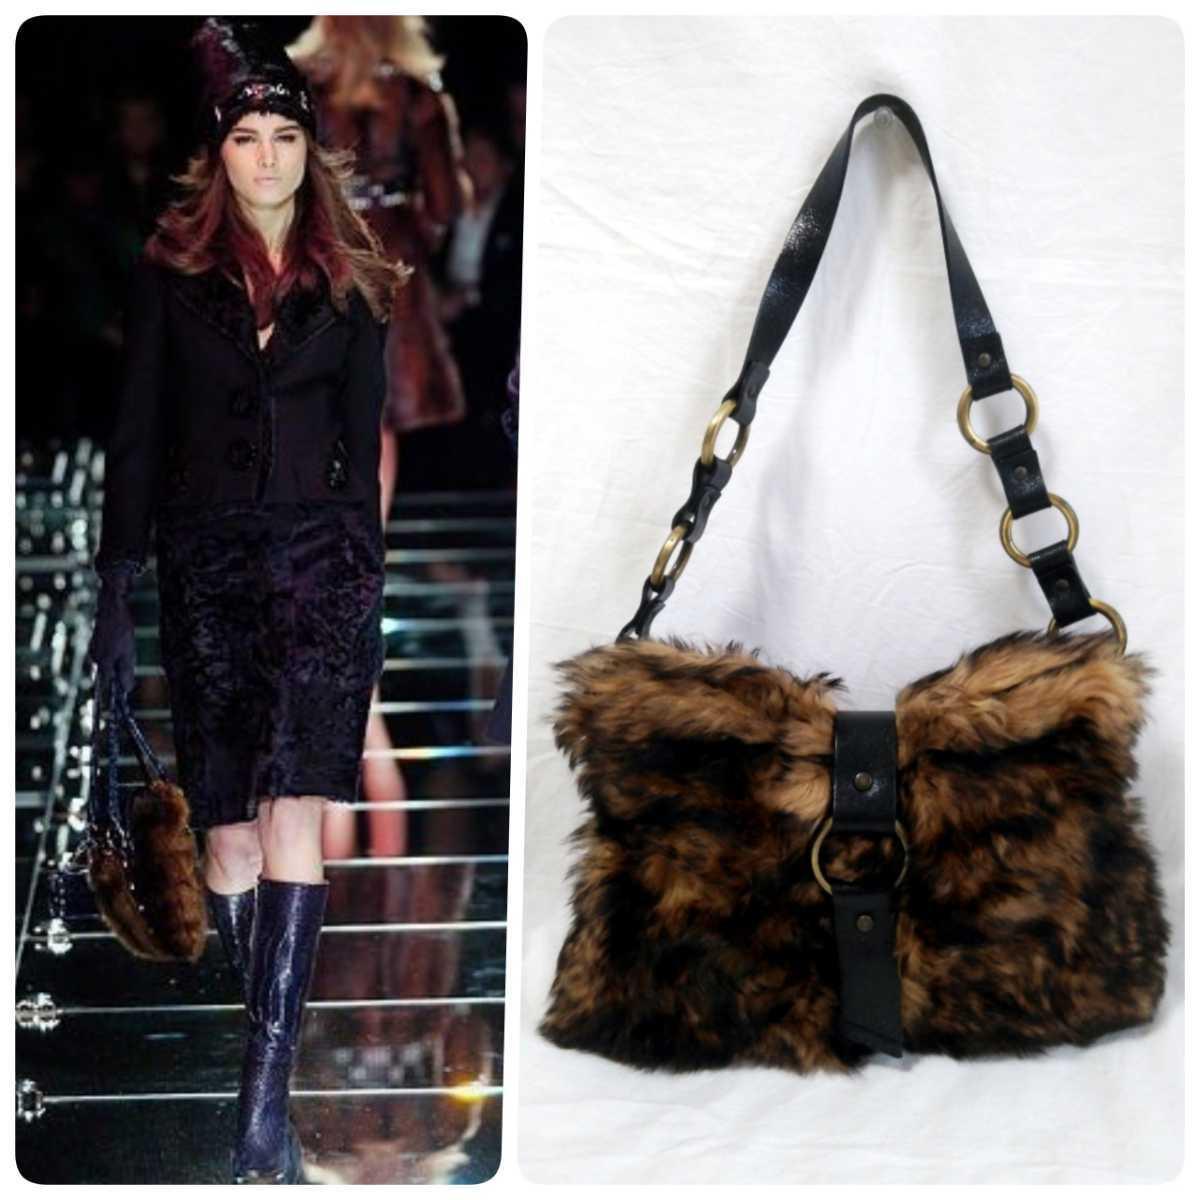 Dolce & GABBANA Dolce & Gabbana حقيبة يد جلد فرو حقيقية Dolce & Gabbana & Bag ، حقيبة